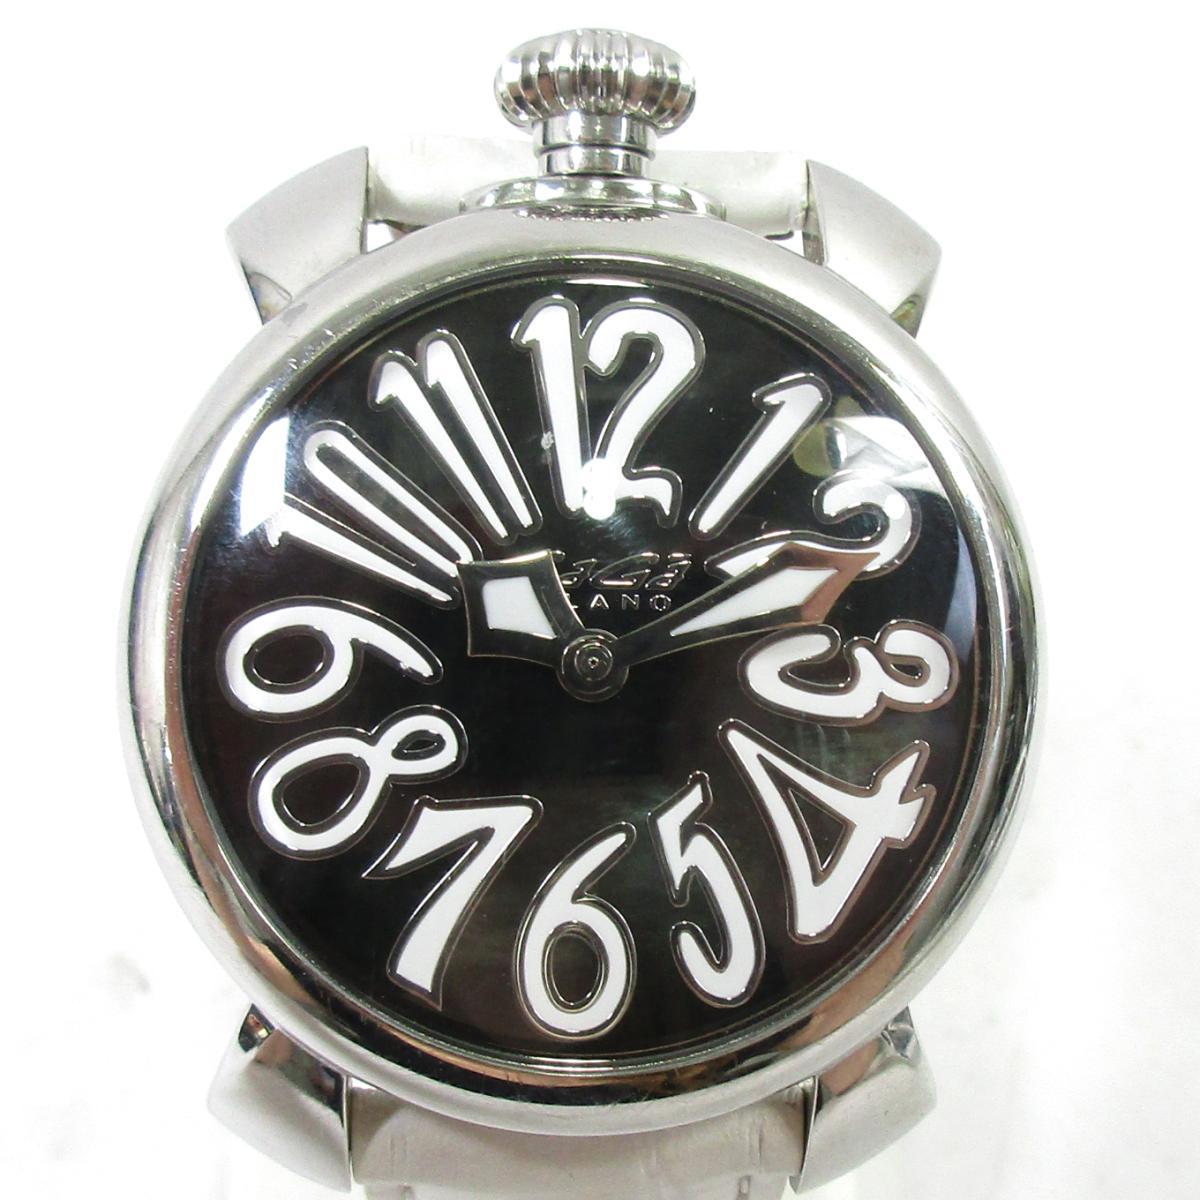 マヌアーレ40 腕時計/SALE/お買得品